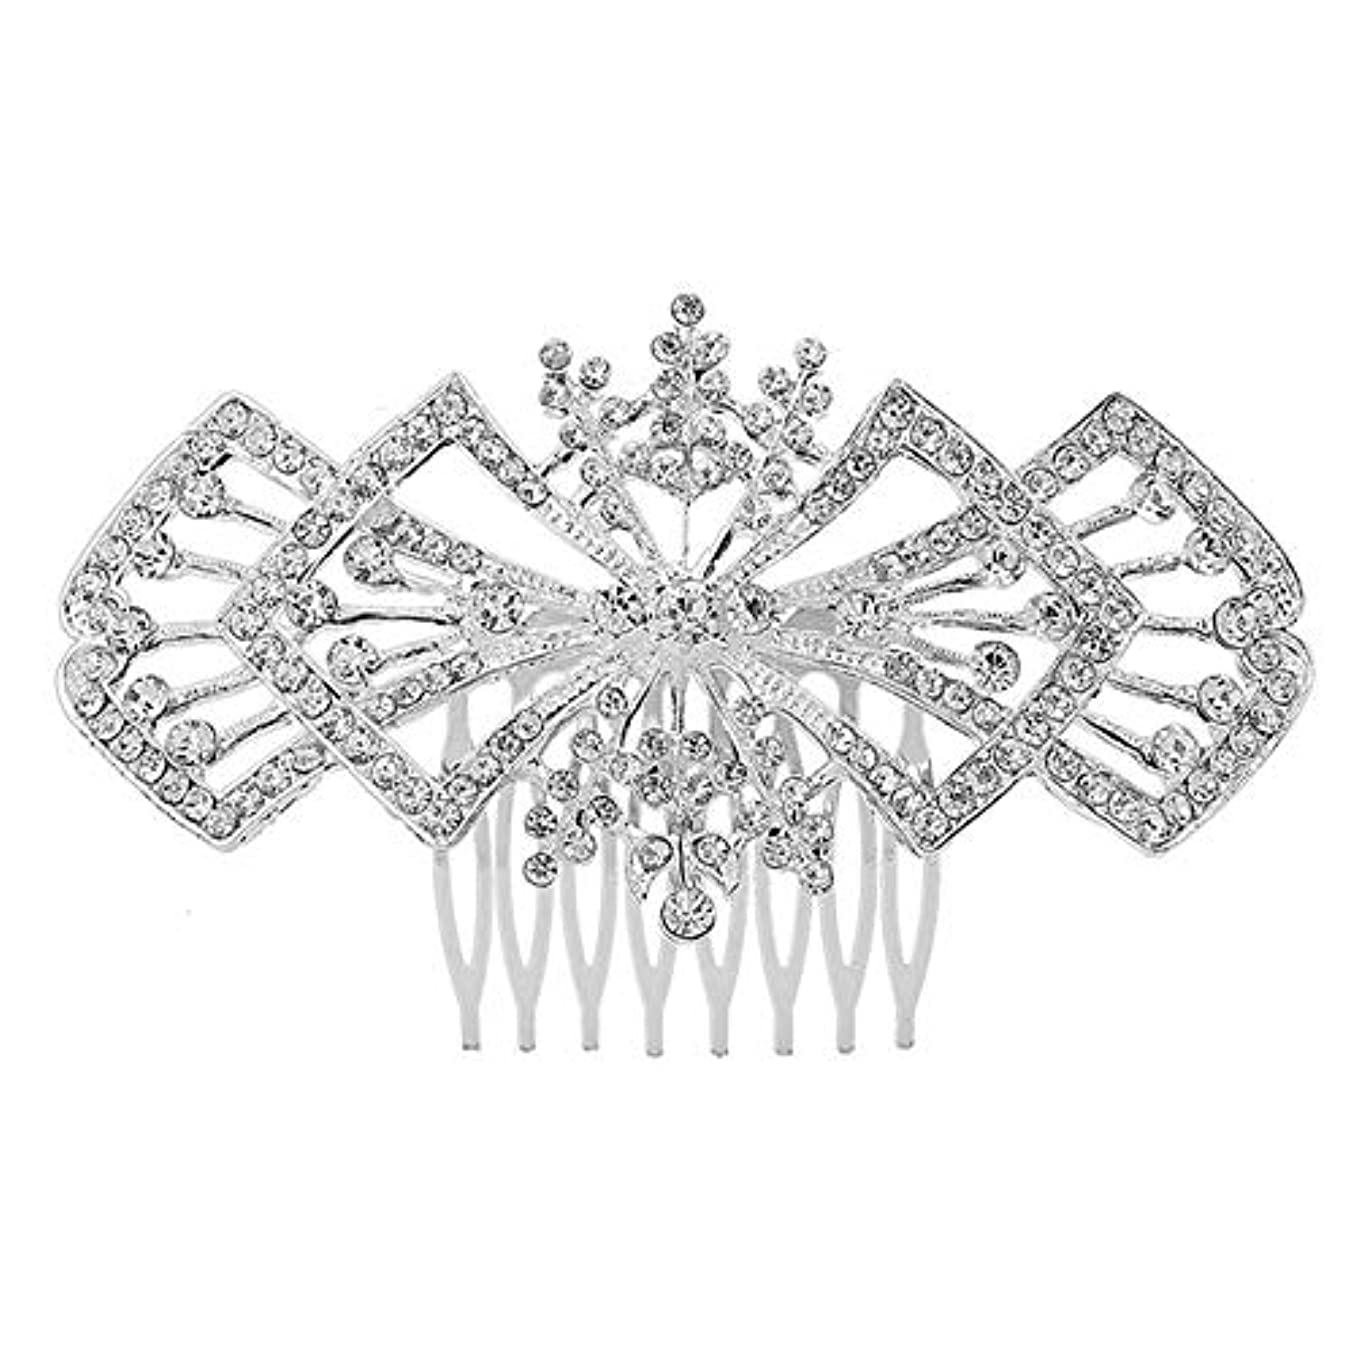 エイズ国民明確に髪の櫛の櫛の櫛の花嫁の髪の櫛の花の髪の櫛のラインストーンの挿入物の櫛の合金の帽子の結婚式の宝石類